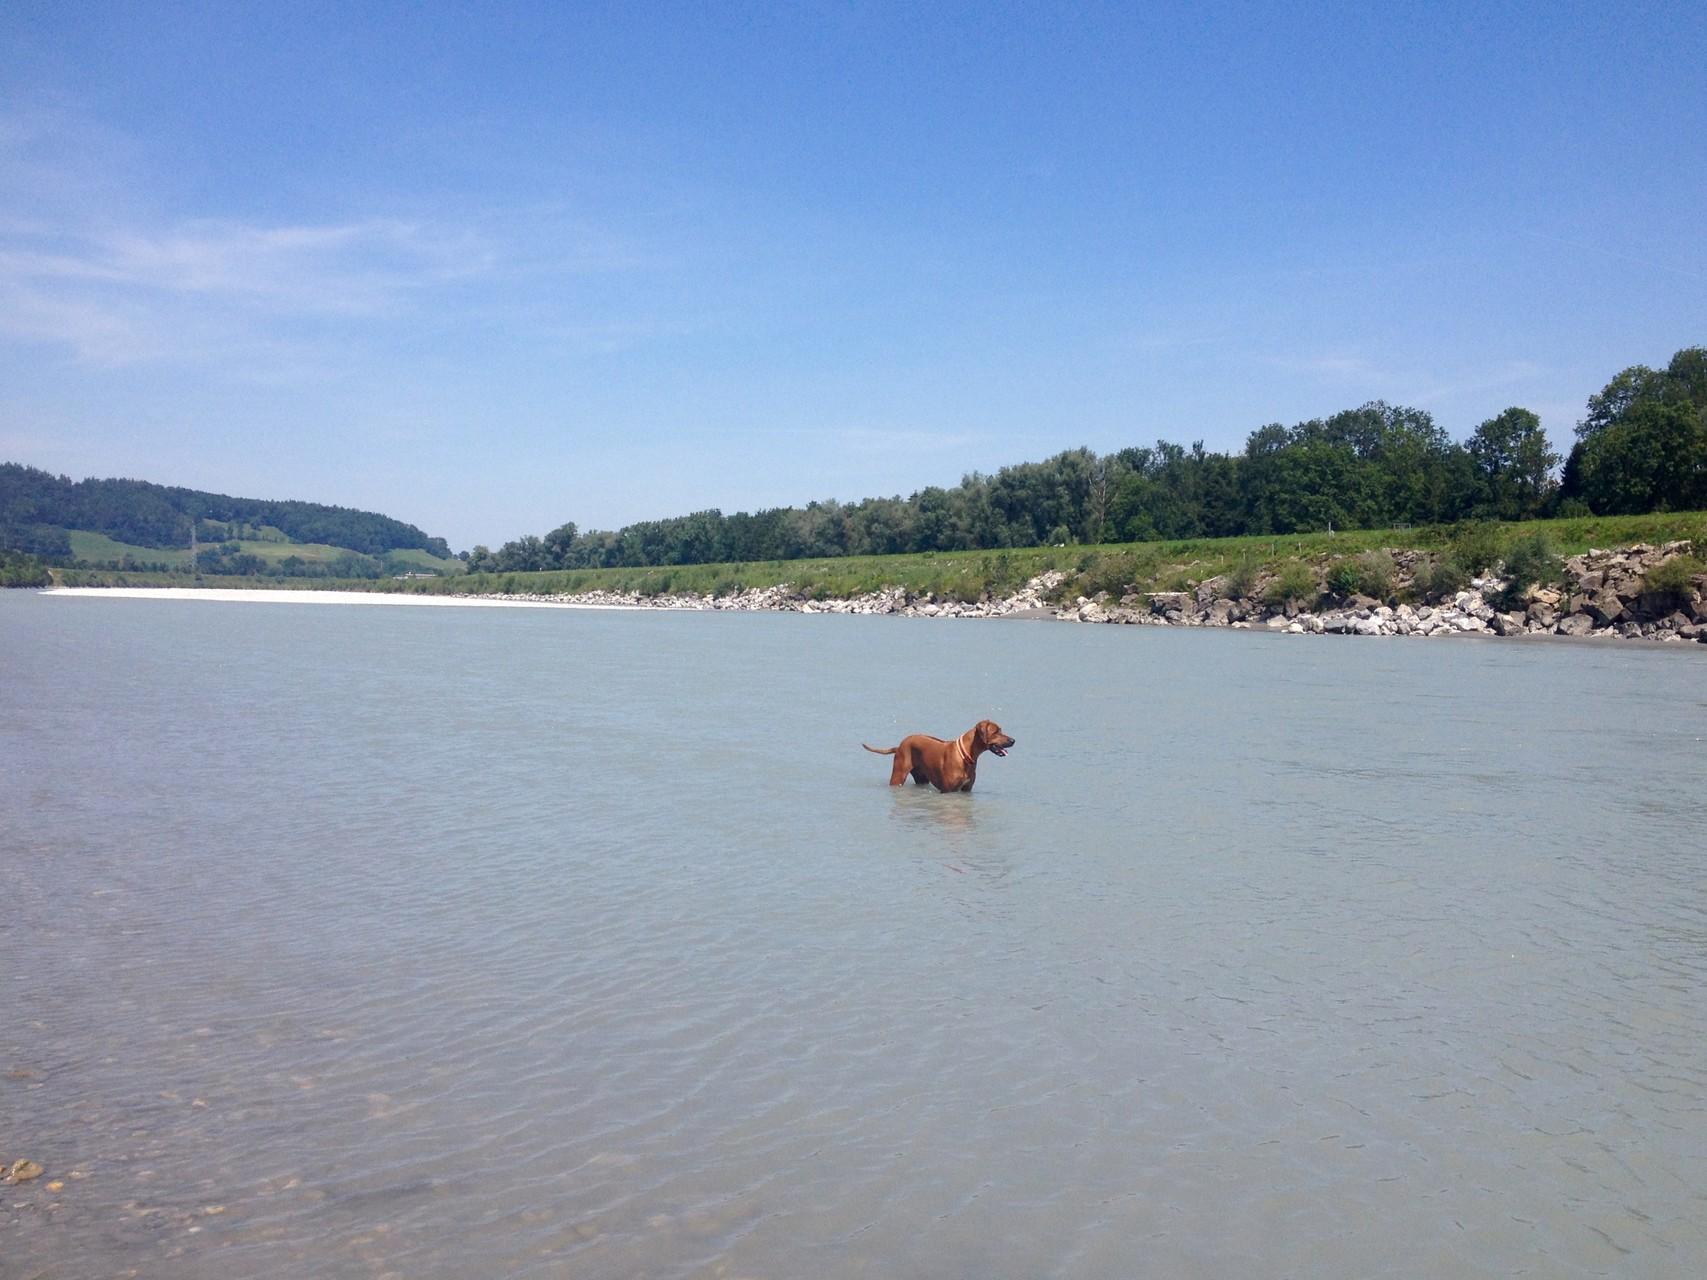 Unsere Karibik; Sandbank im Rhein bei Rüthi, CH